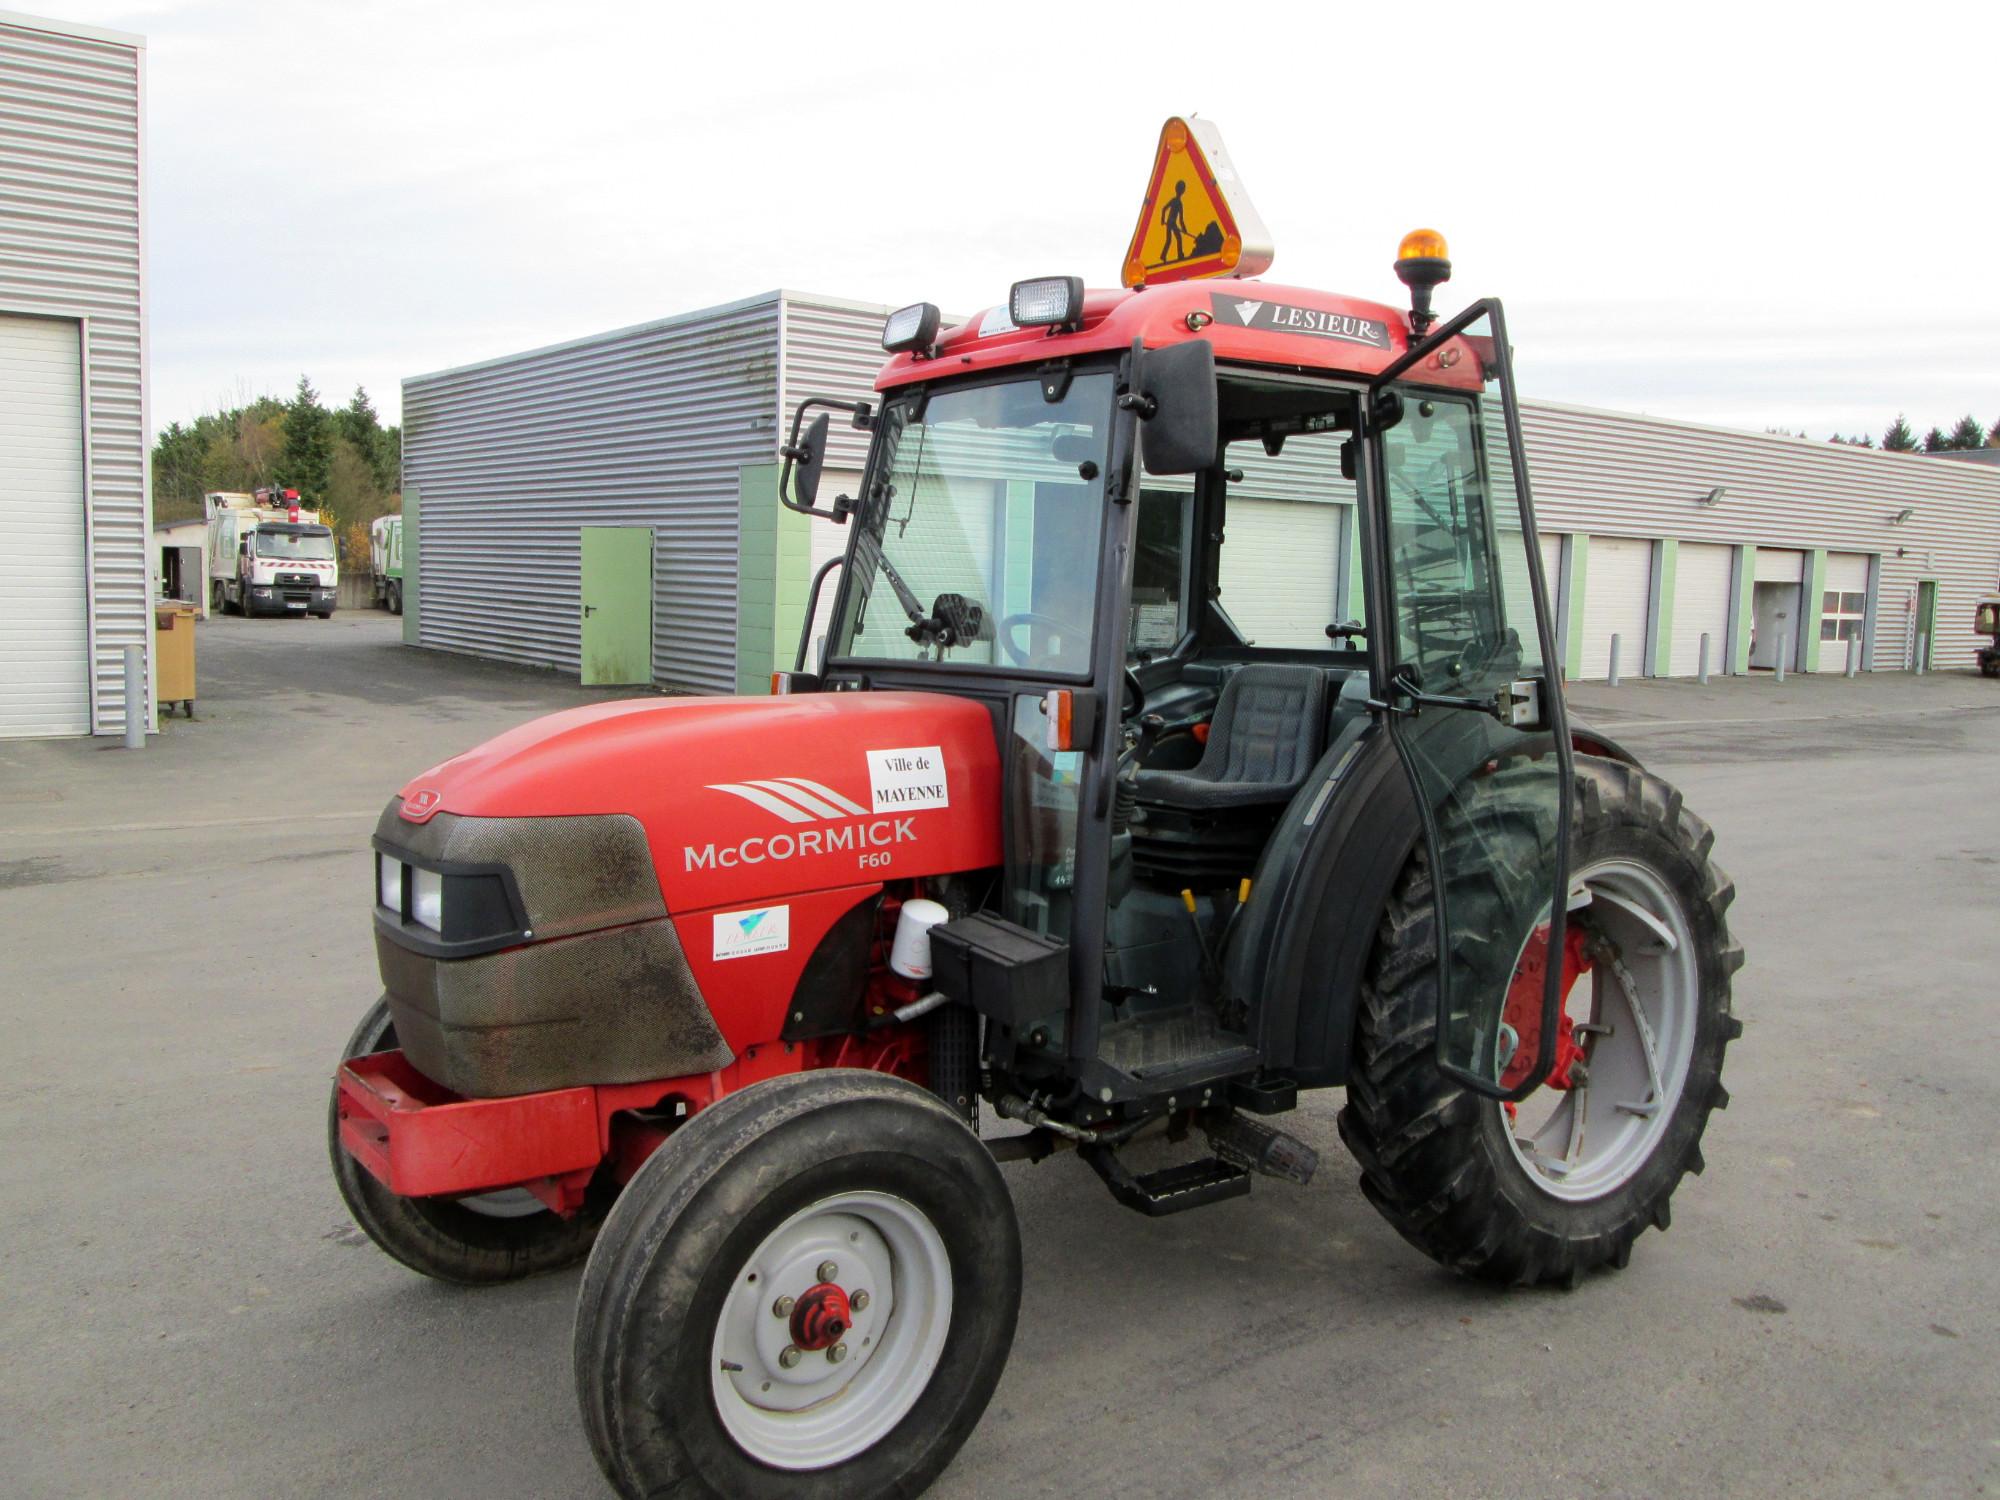 tracteur mc cormick f60 tracteur d 39 occasion aux ench res agorastore. Black Bedroom Furniture Sets. Home Design Ideas